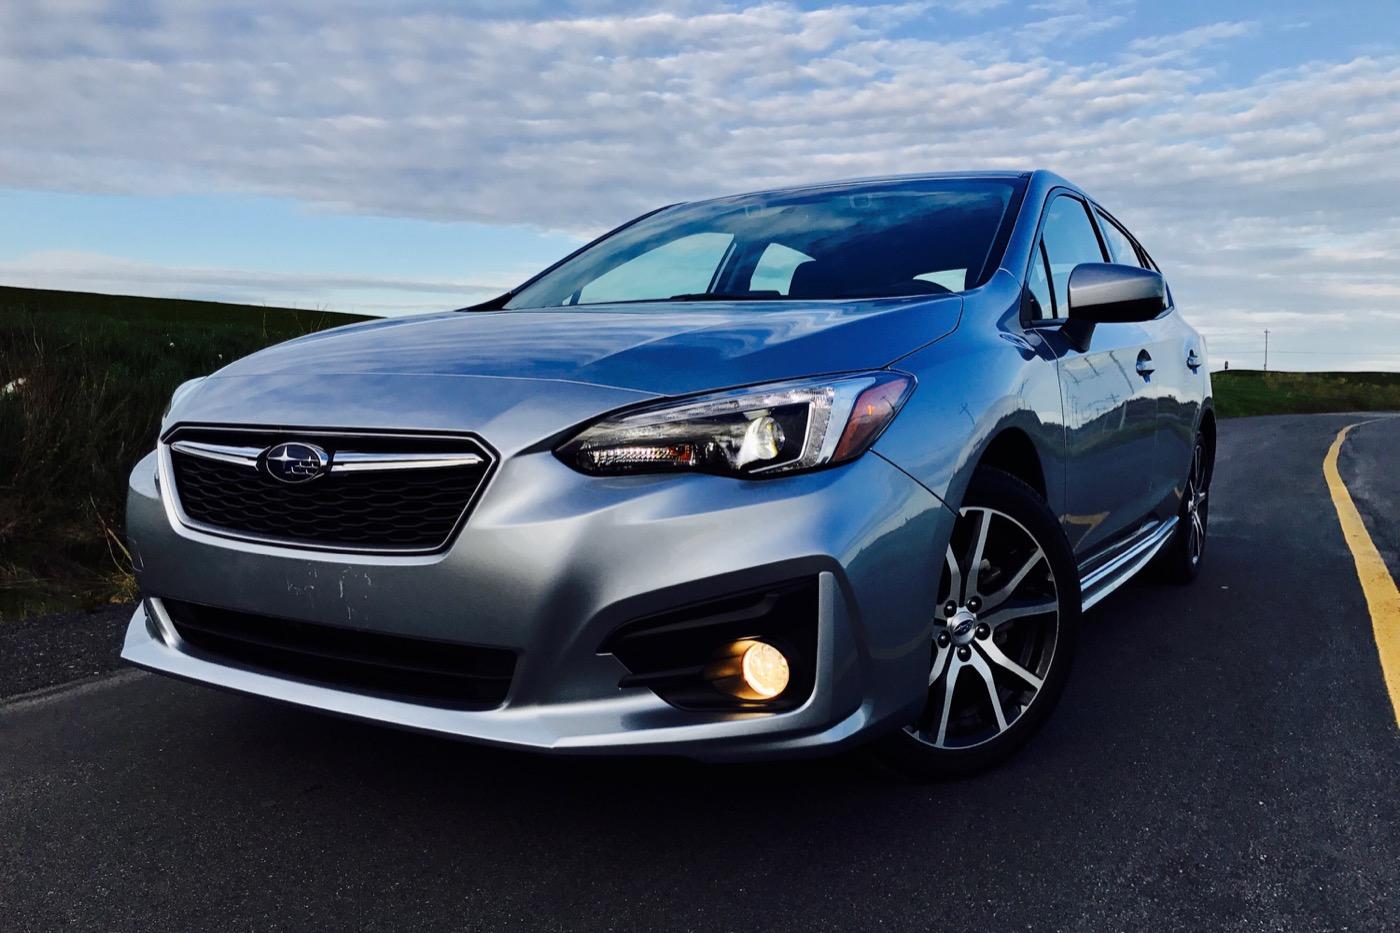 QOTD: Является ли Subaru главным автопроизводителем?